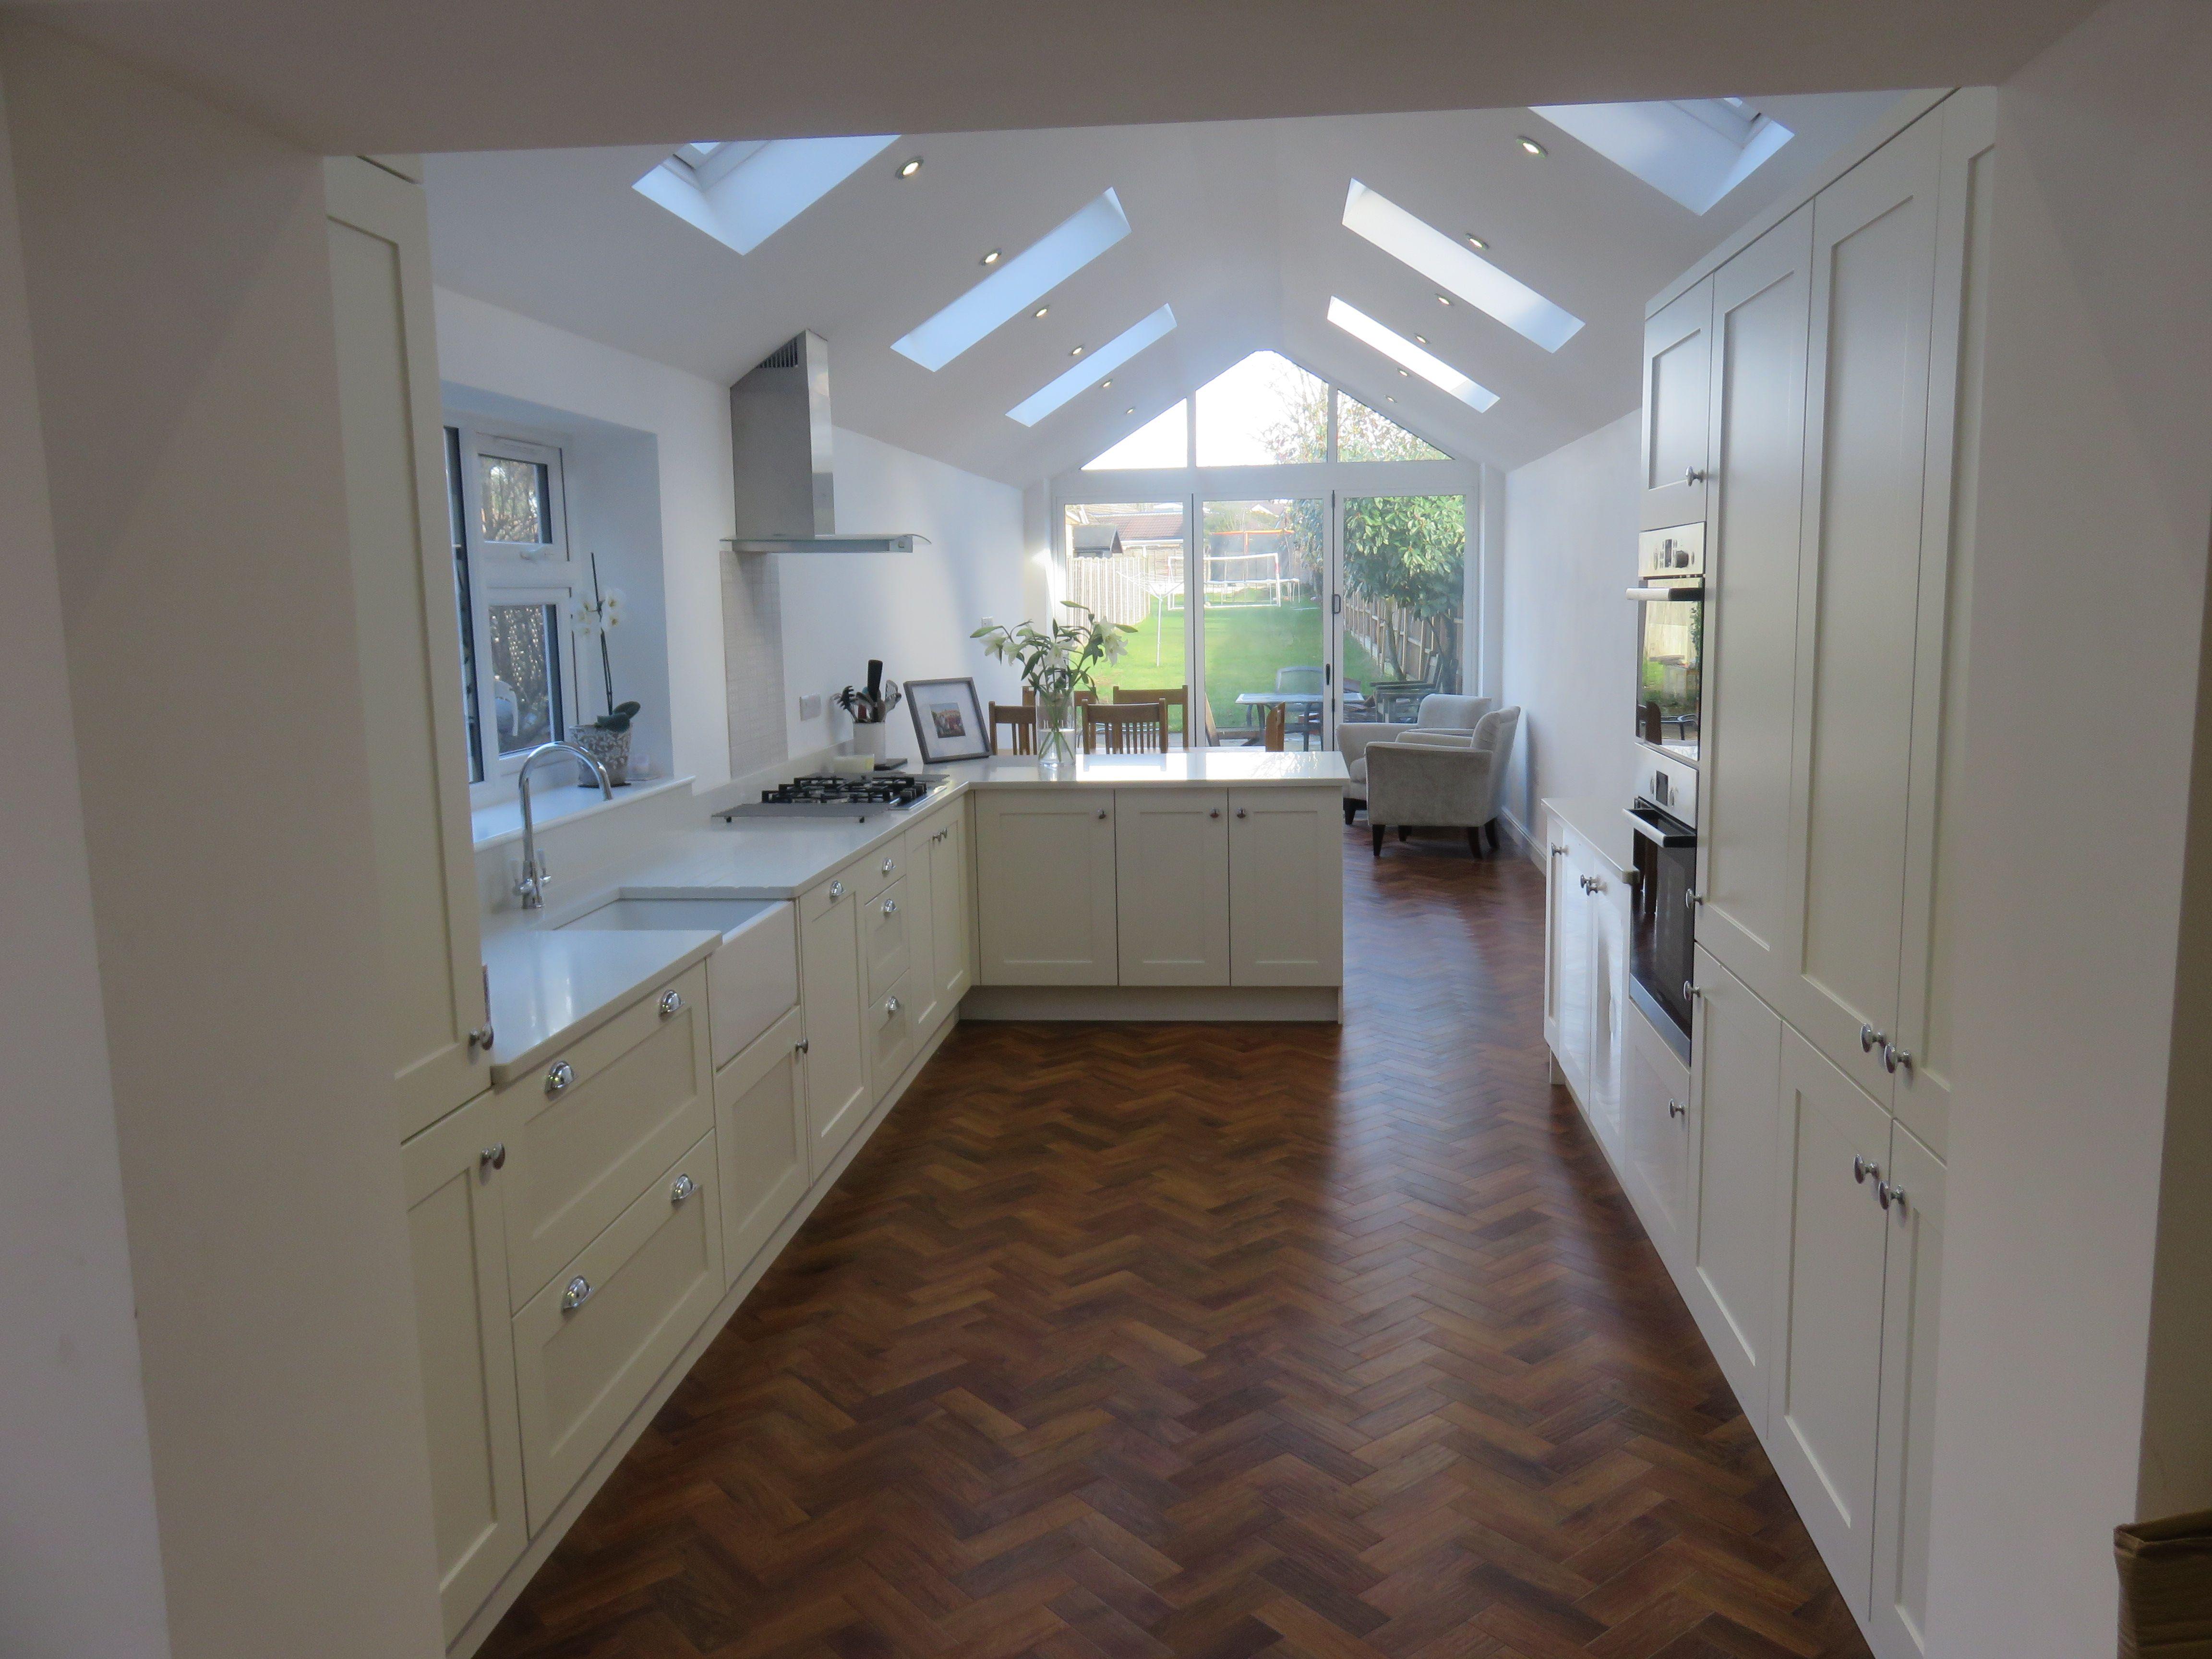 Shaker door kitchen for clients in Hagley